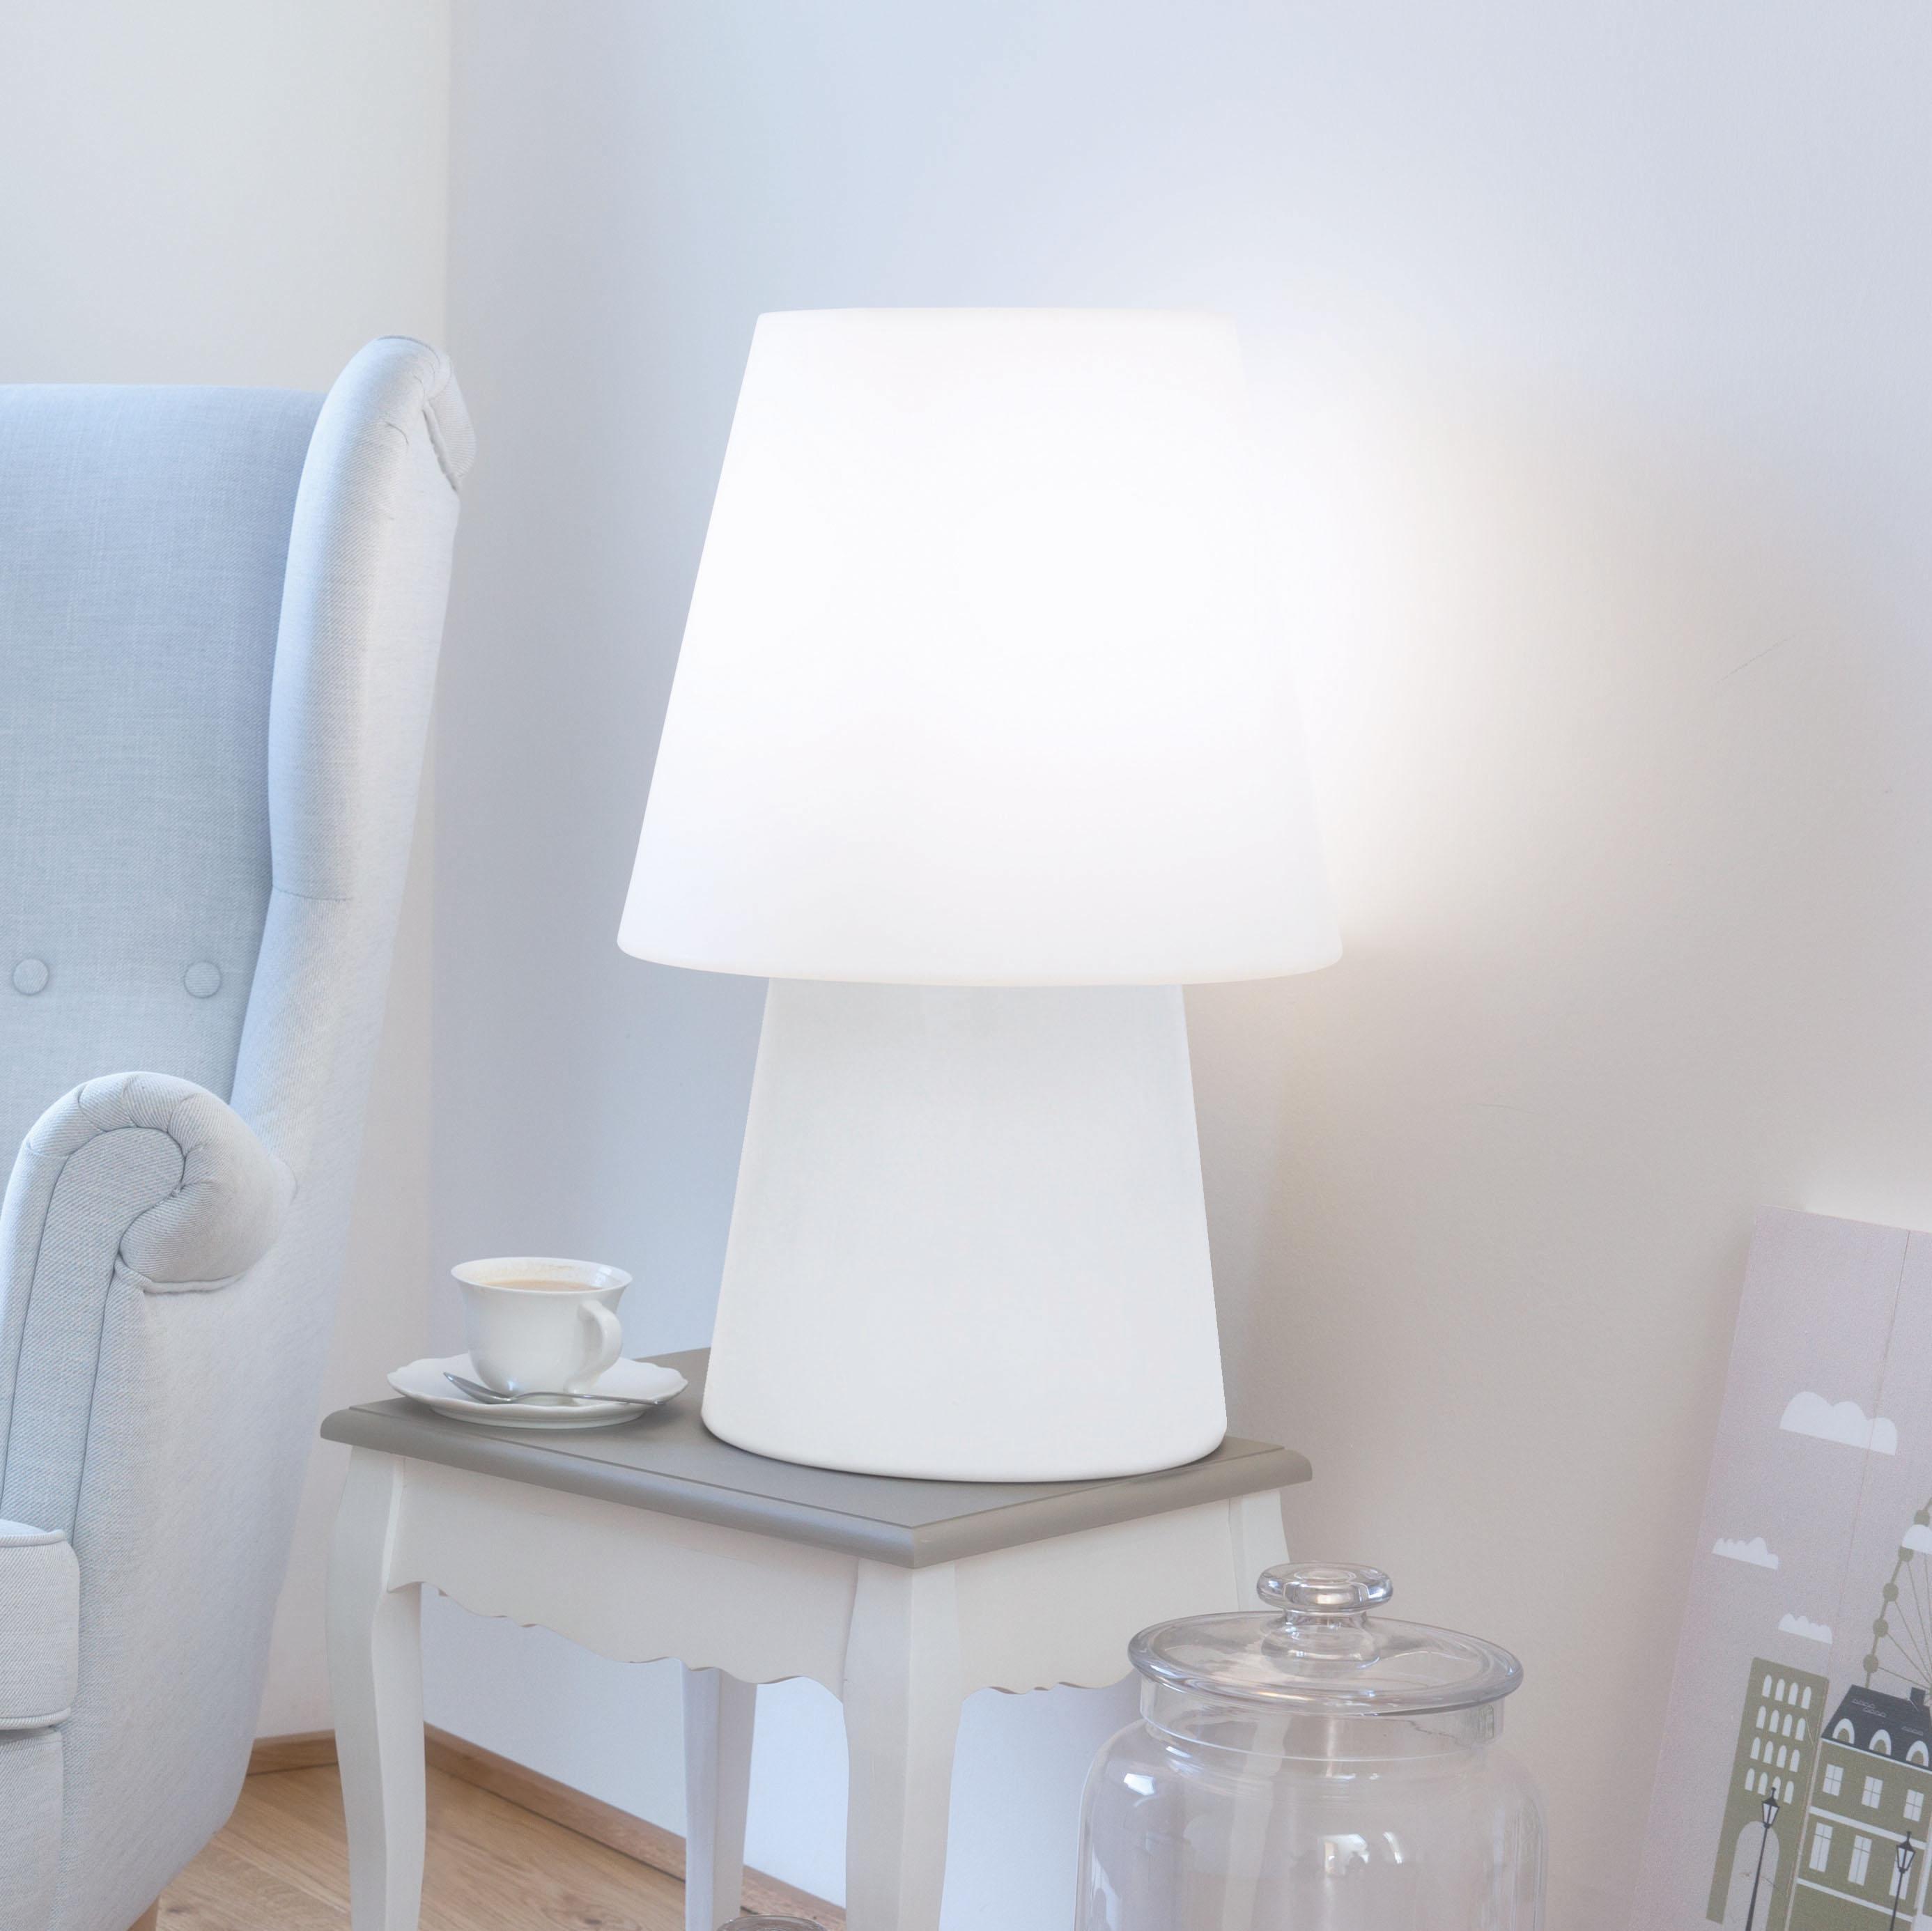 8 seasons design aparte tisch standleuchte no 1 white e27 60cm ip44 uv und. Black Bedroom Furniture Sets. Home Design Ideas